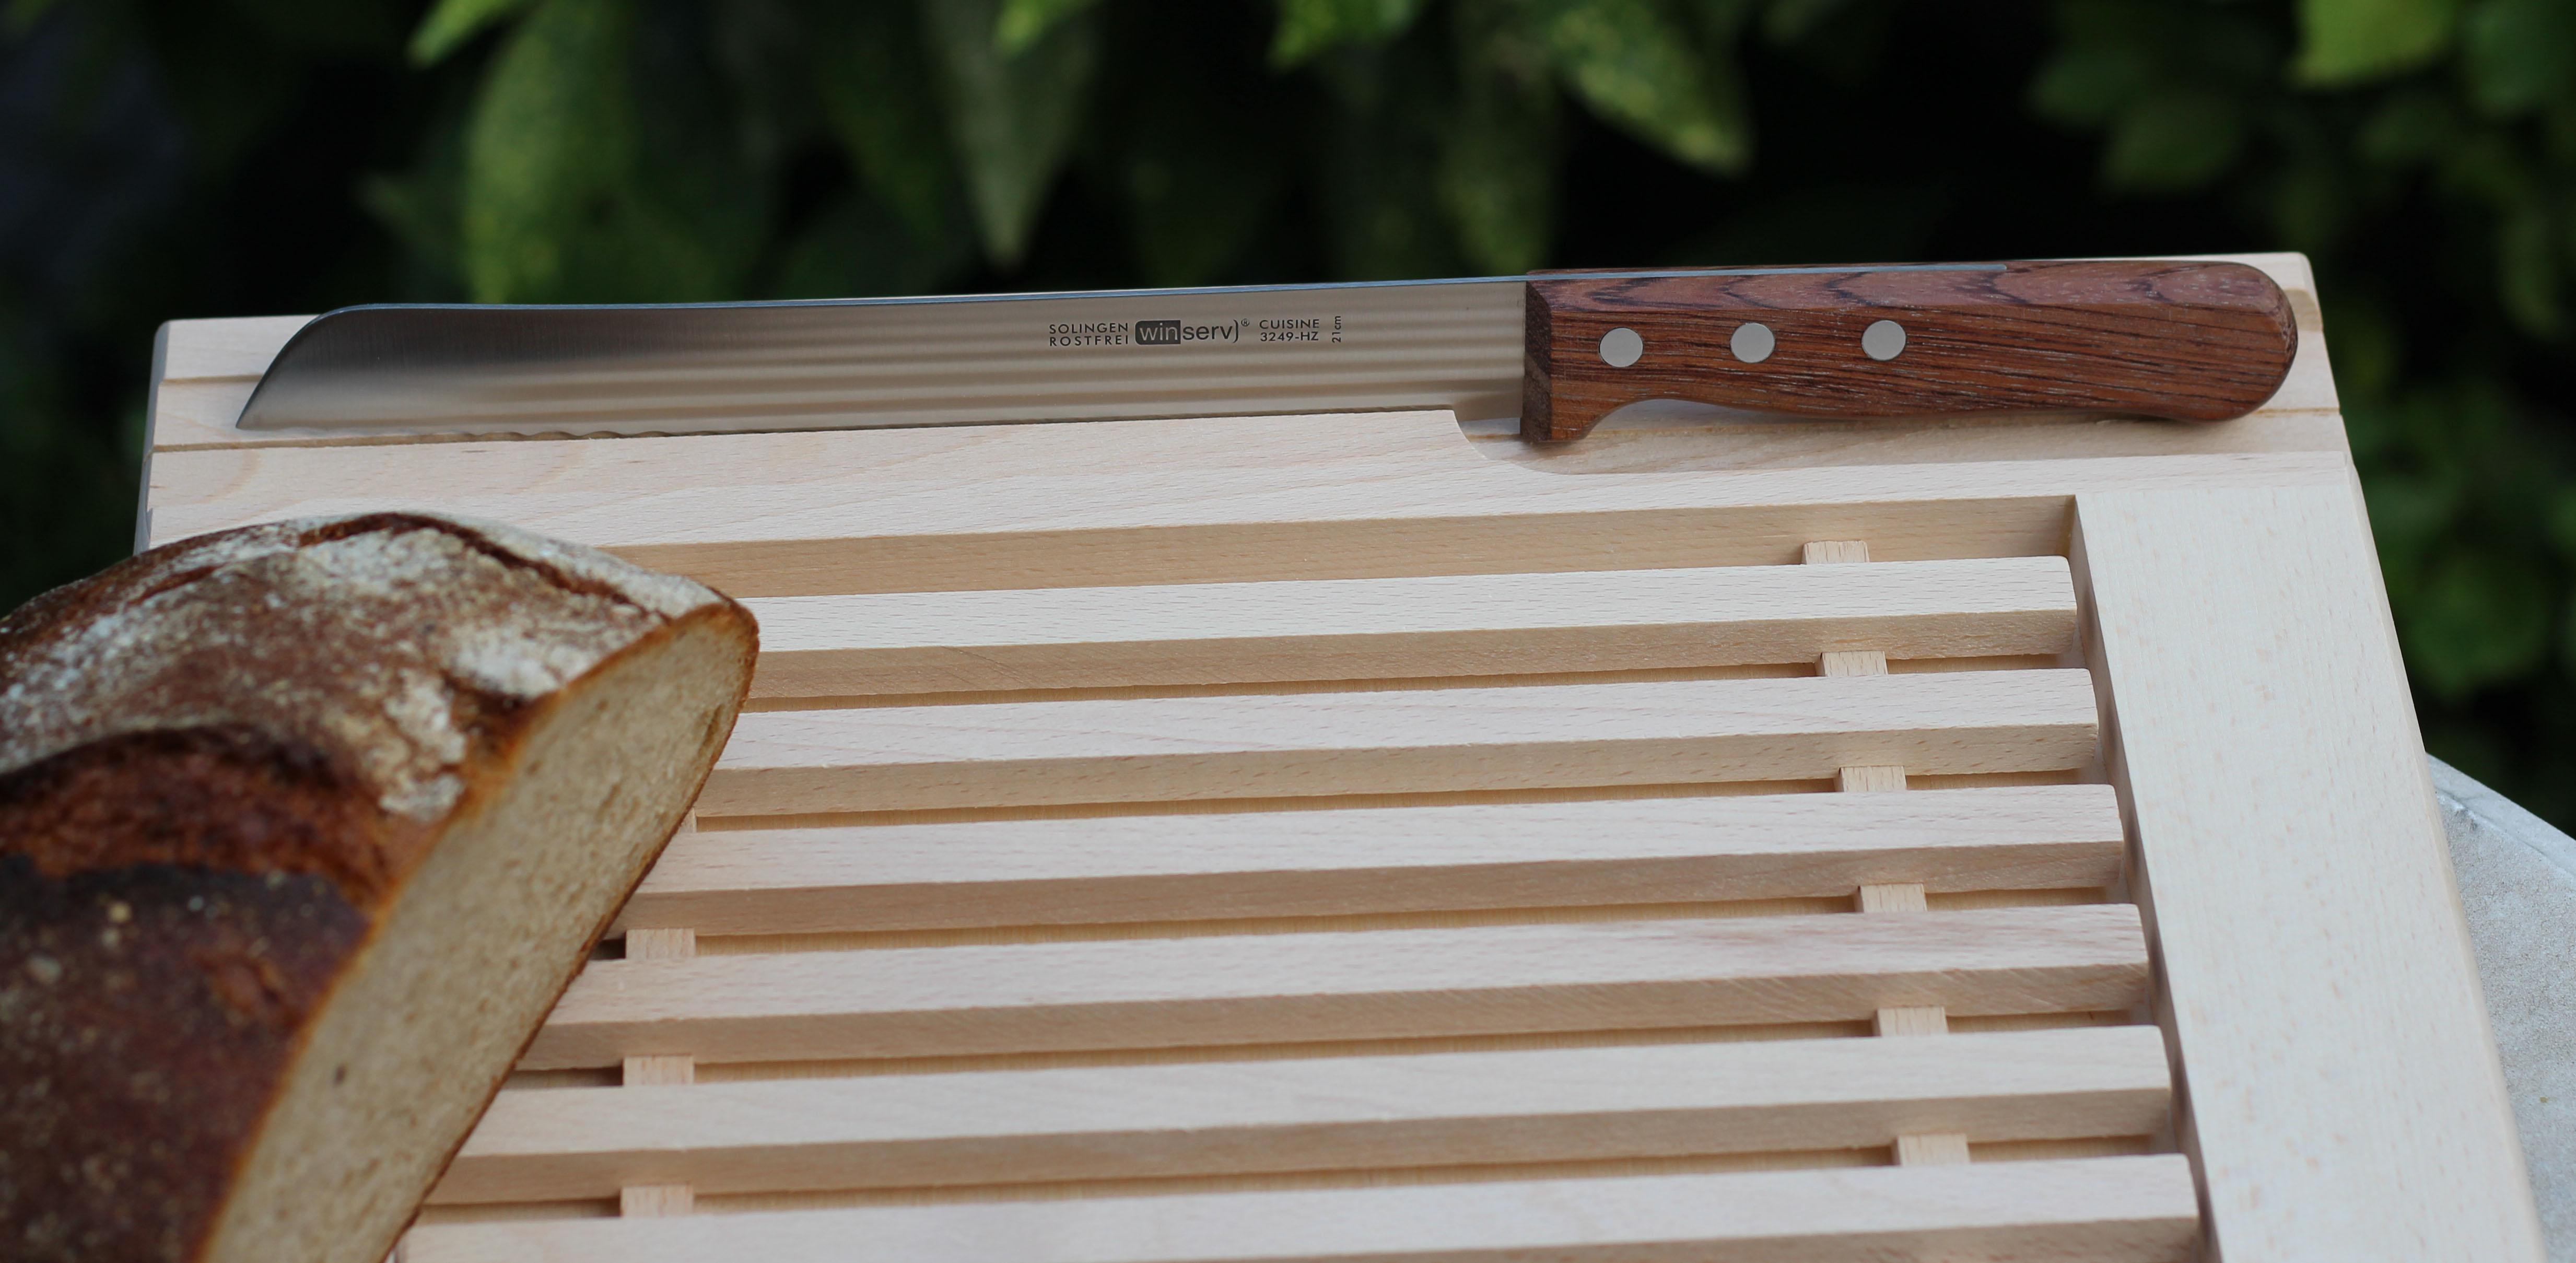 Brotschneide-Set mit Holzbrett1832